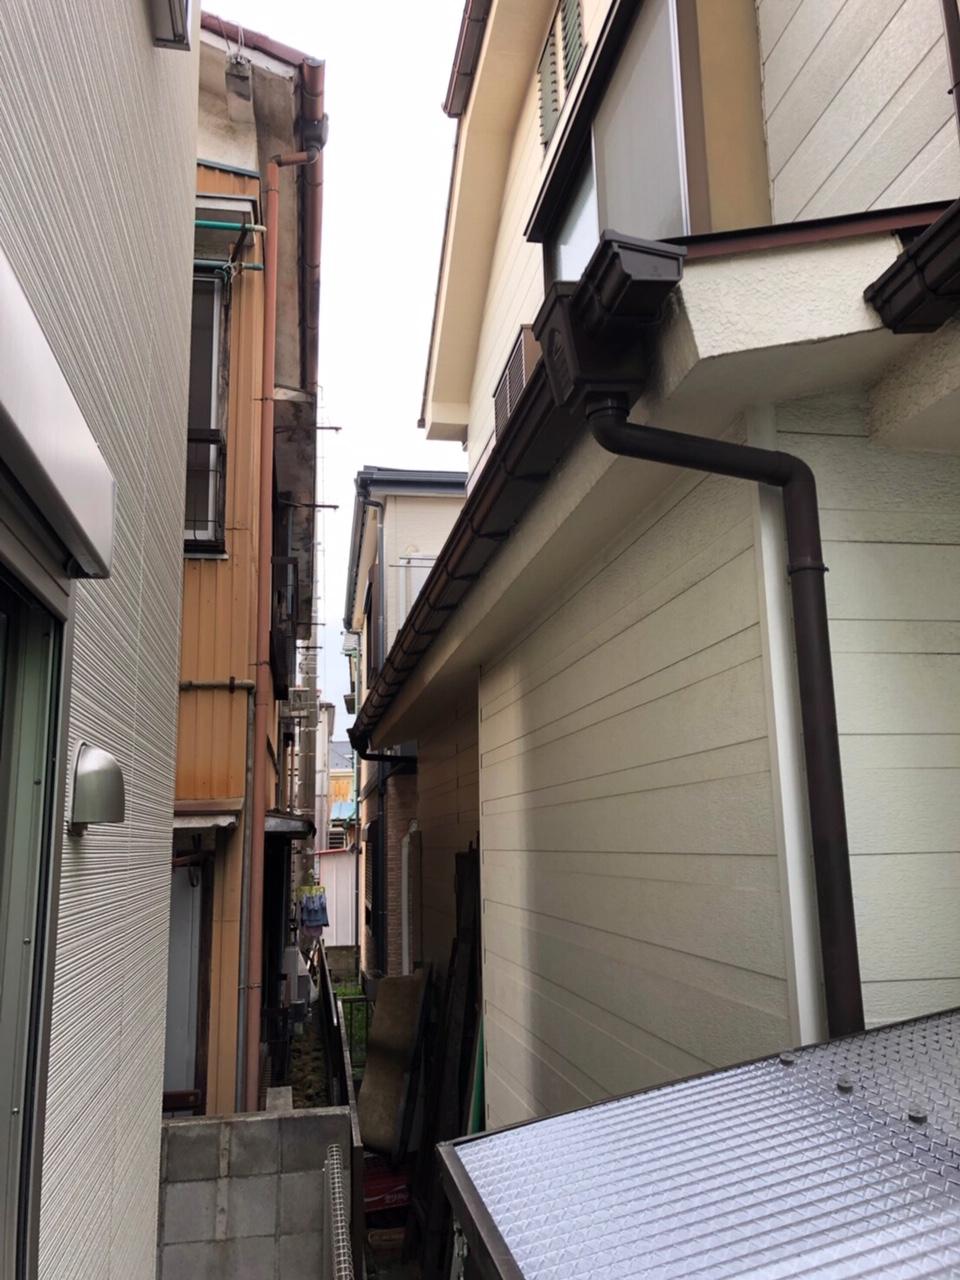 神奈川県川崎市で火災保険を申請し雨樋と波板を無料交換2